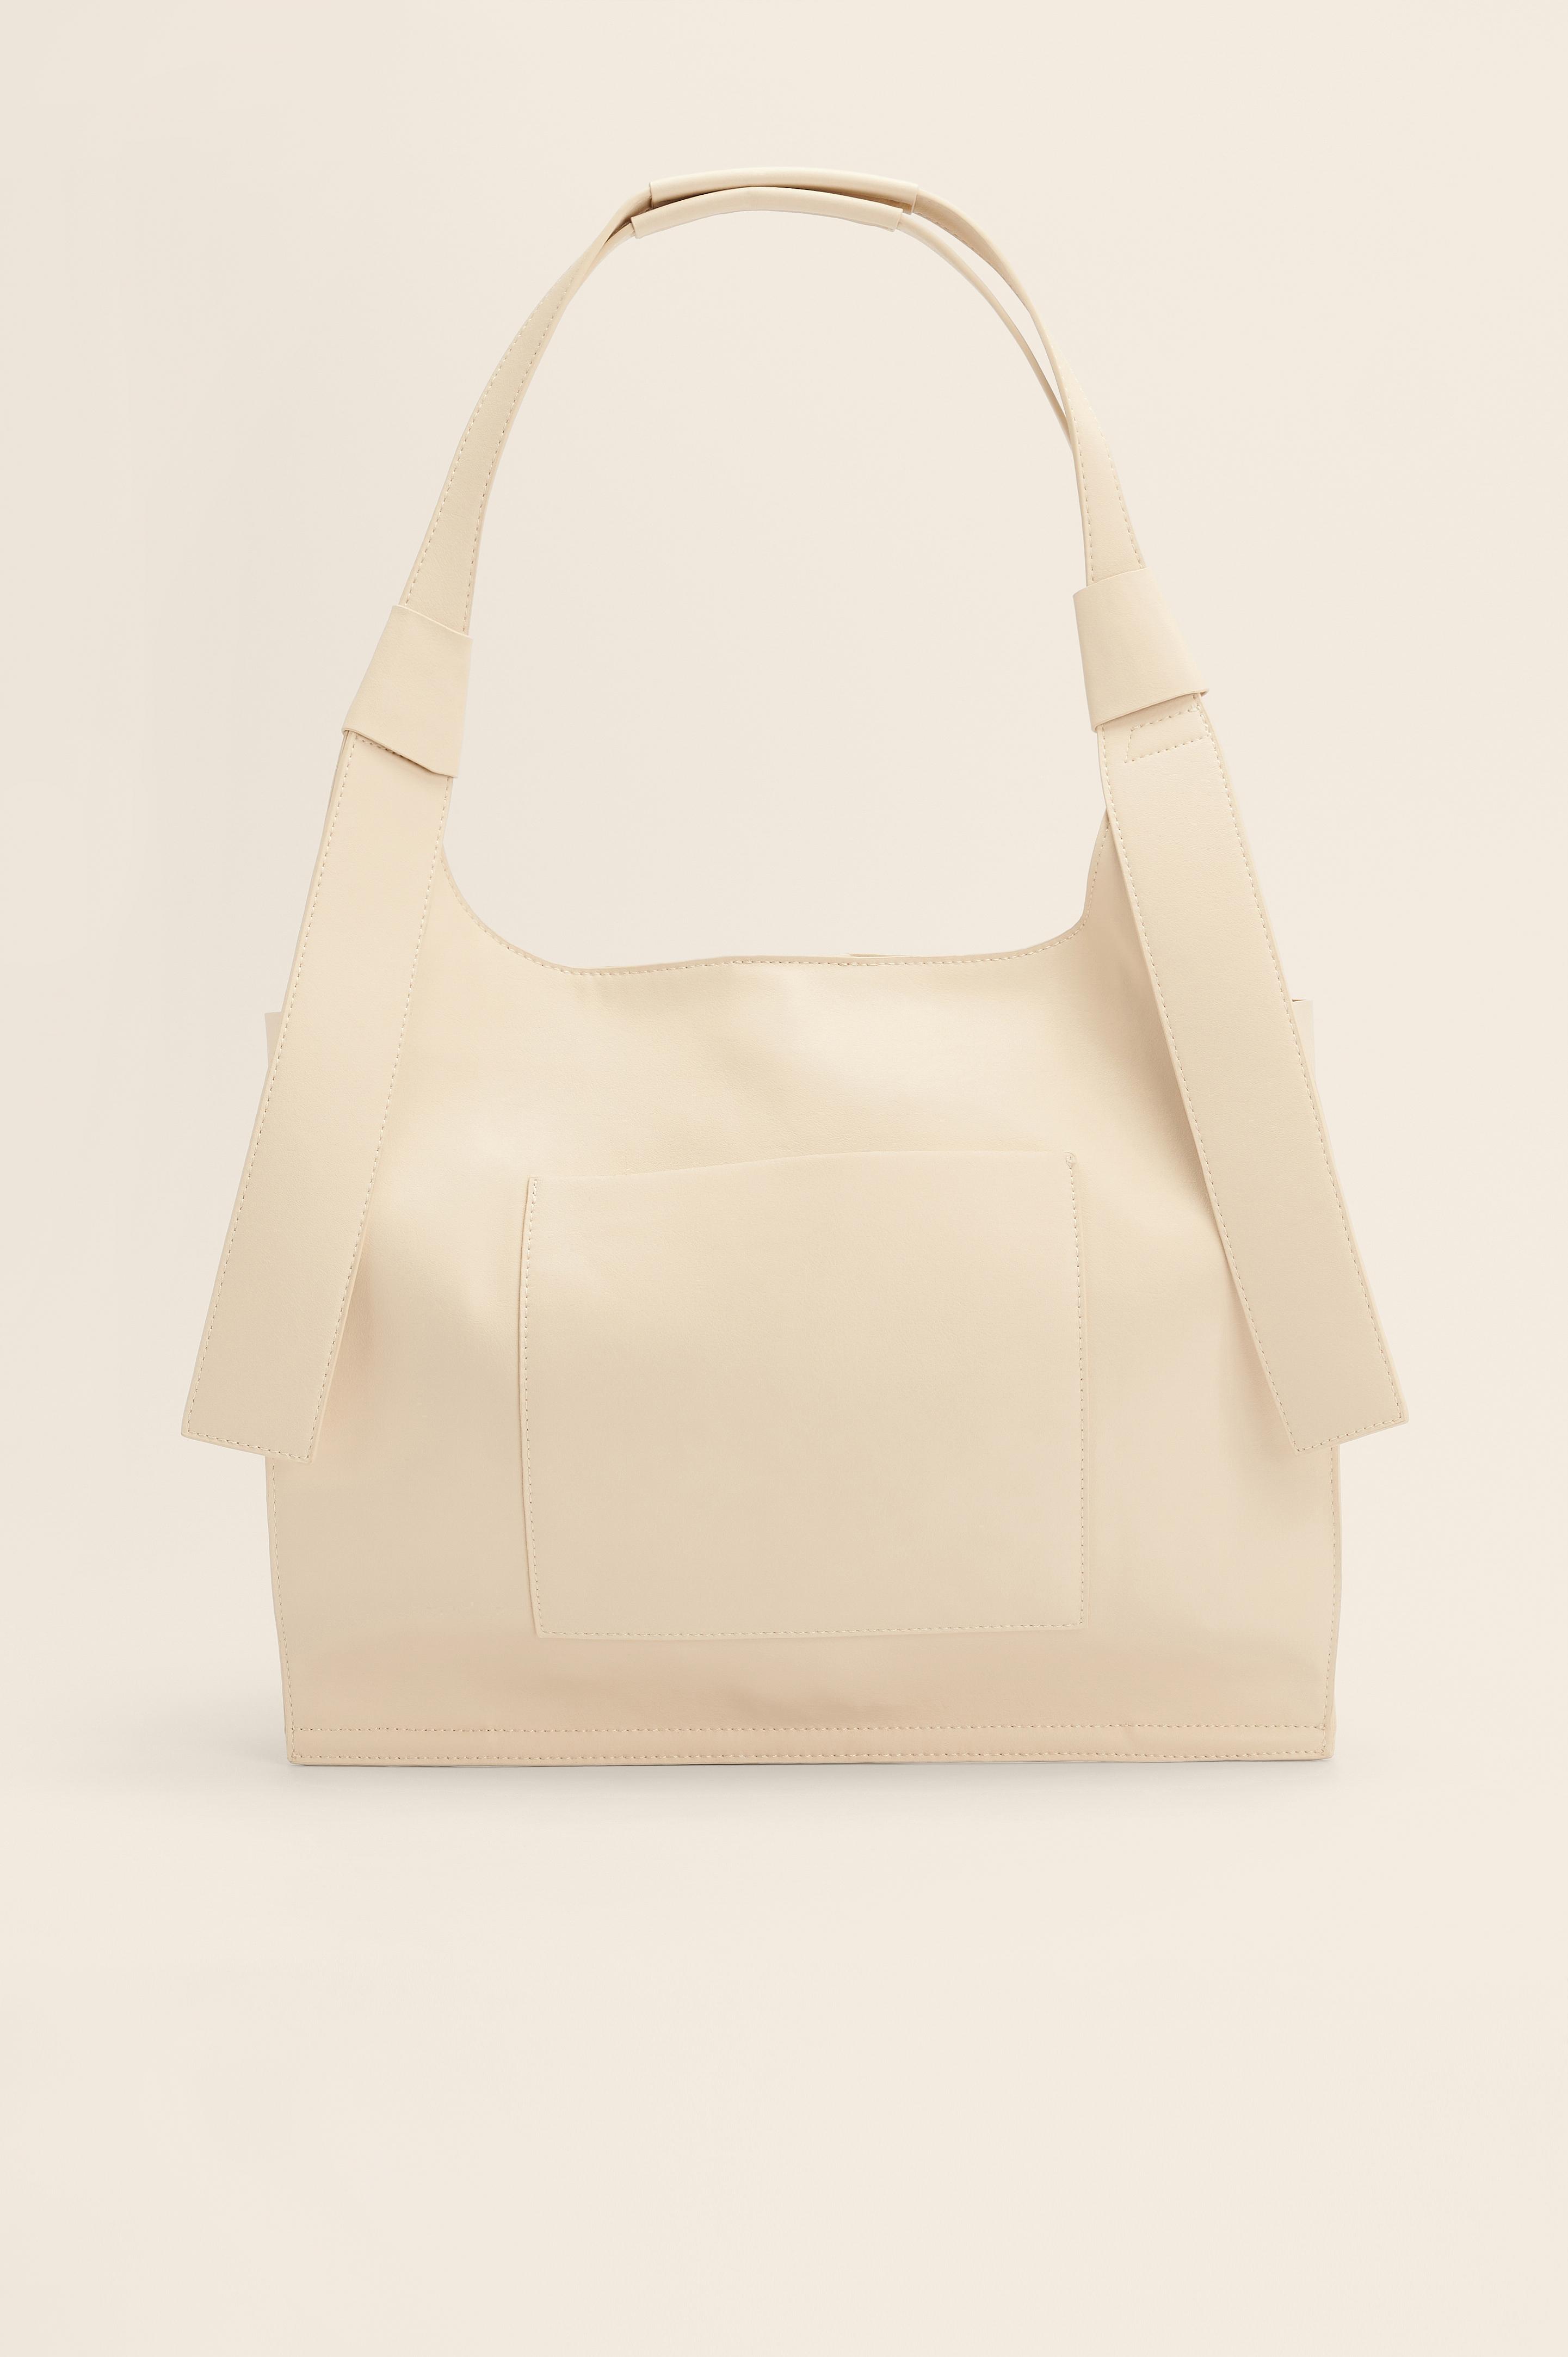 NA-KD Accessories Genanvendt Stor Firkantet Shoppingtaske - Offwhite